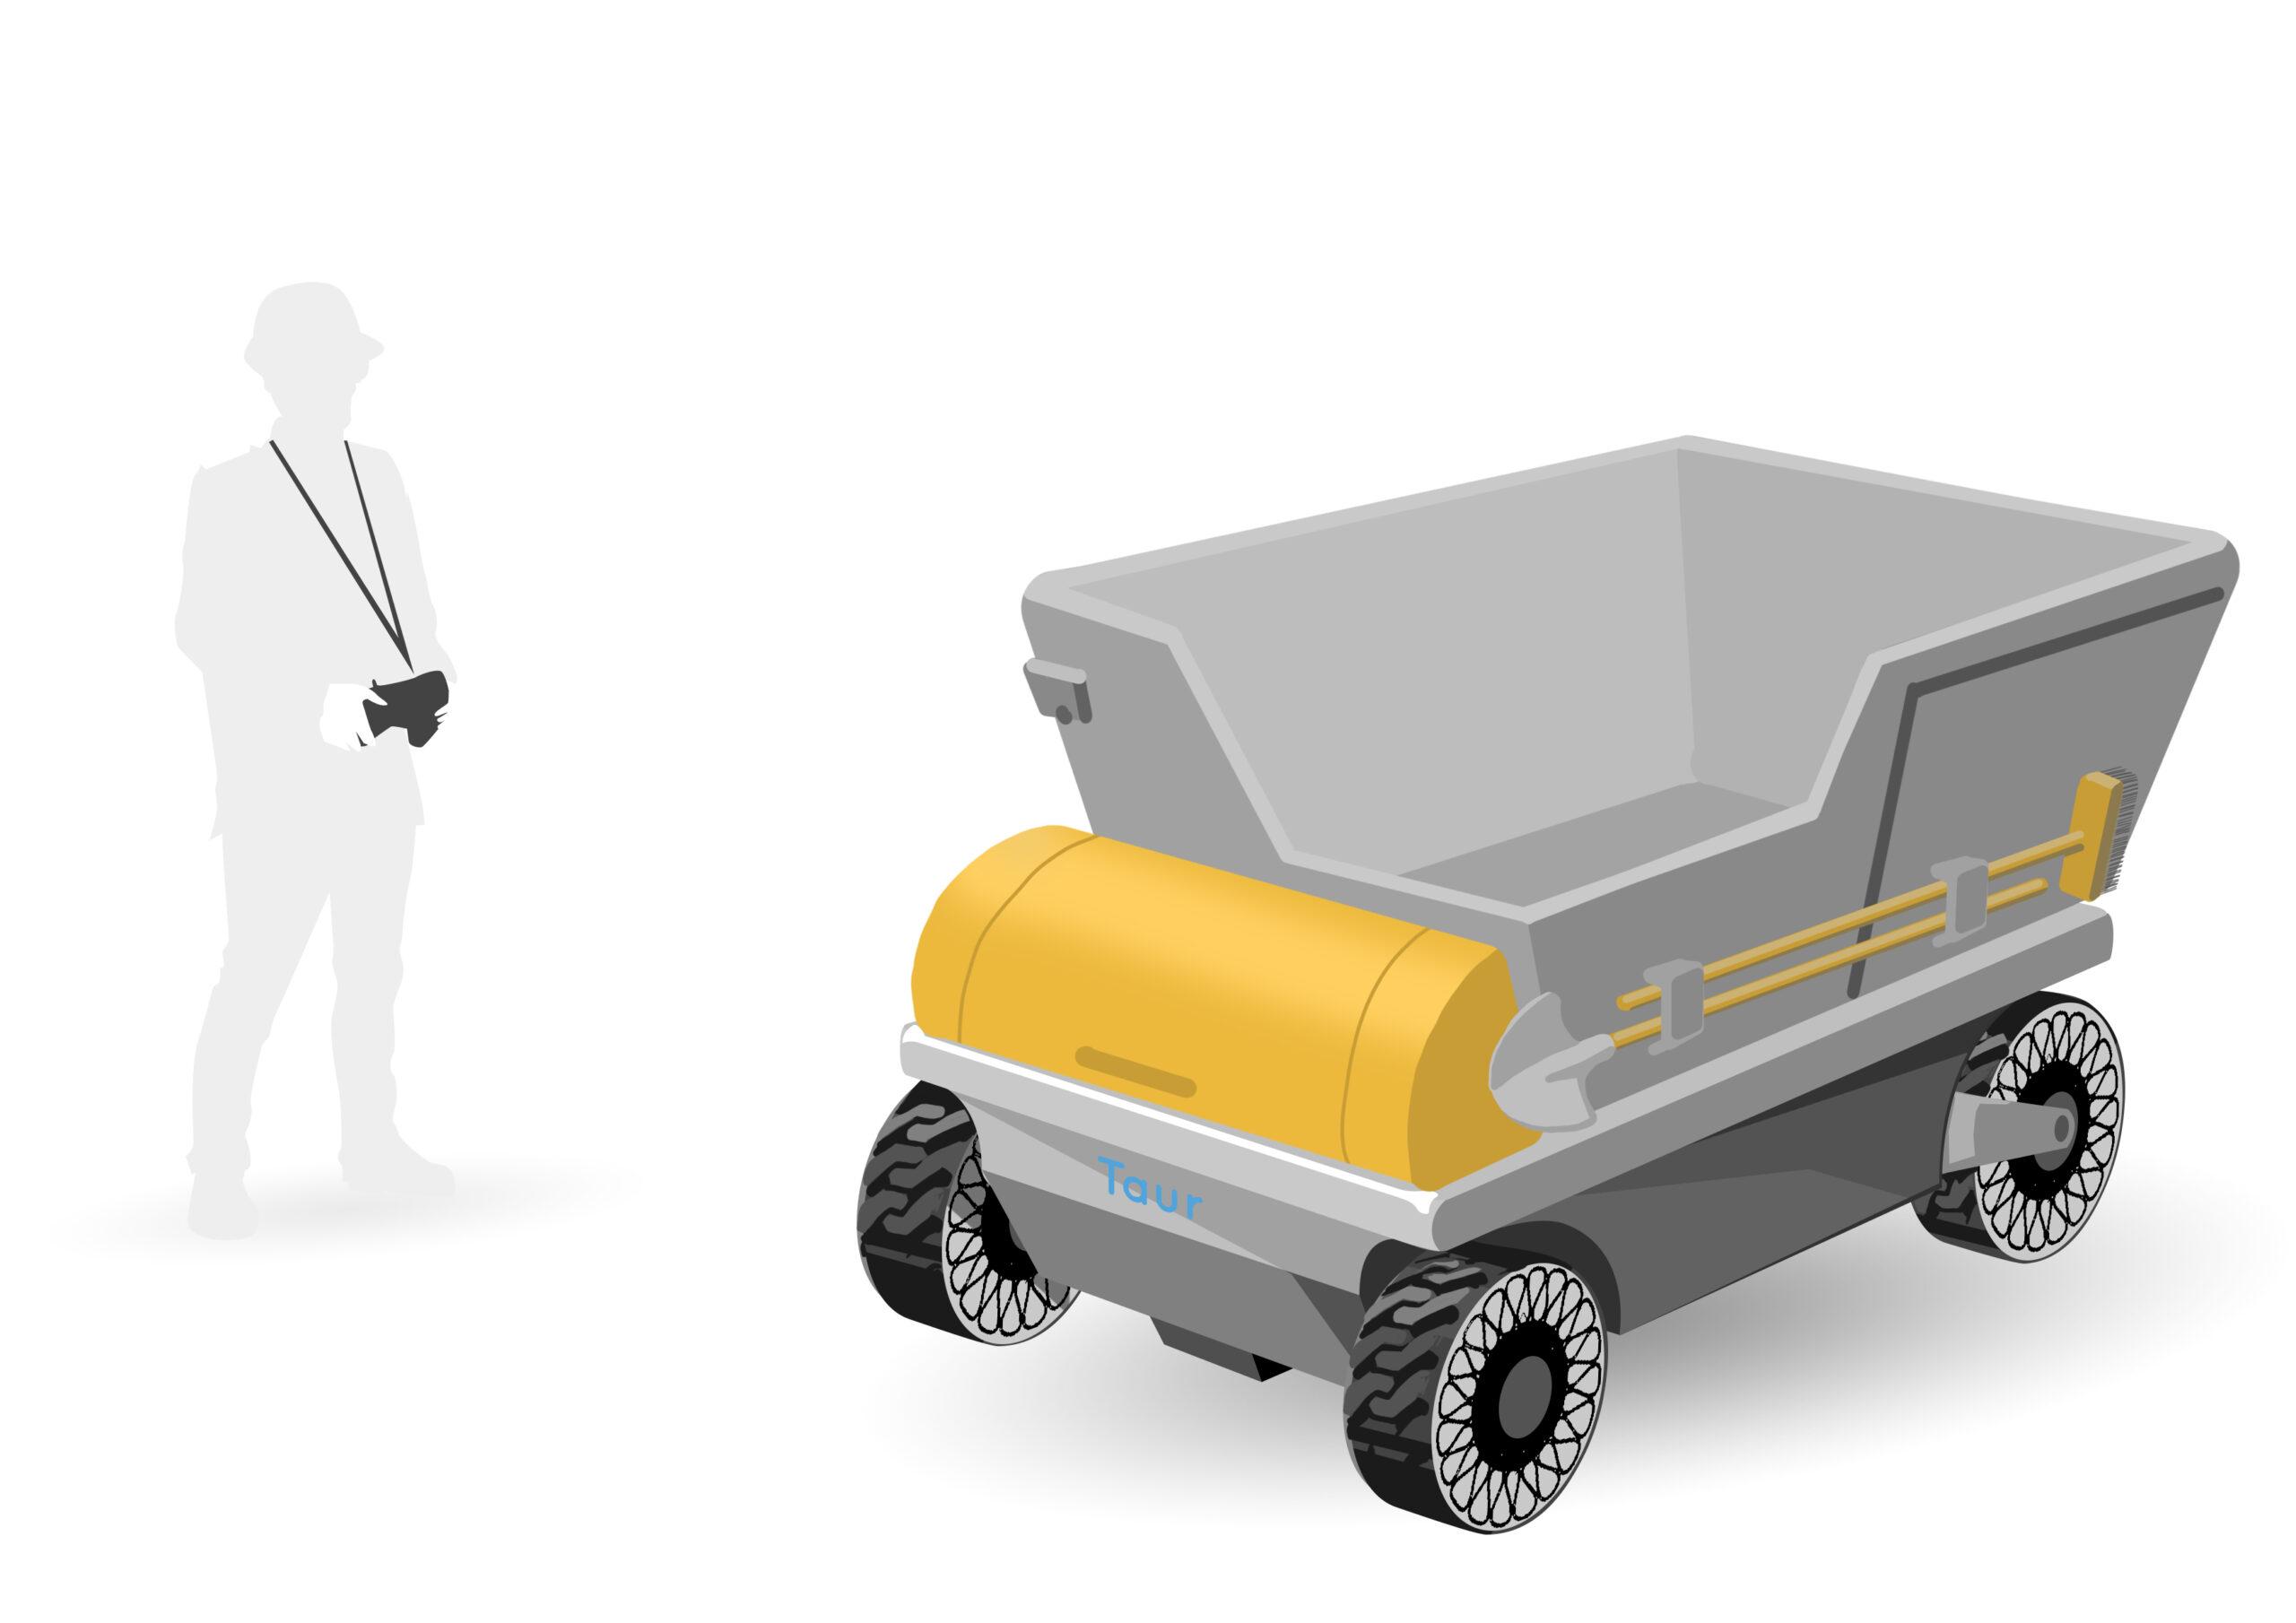 conceptcar - design - concept art - illustration - lyon - drone taur